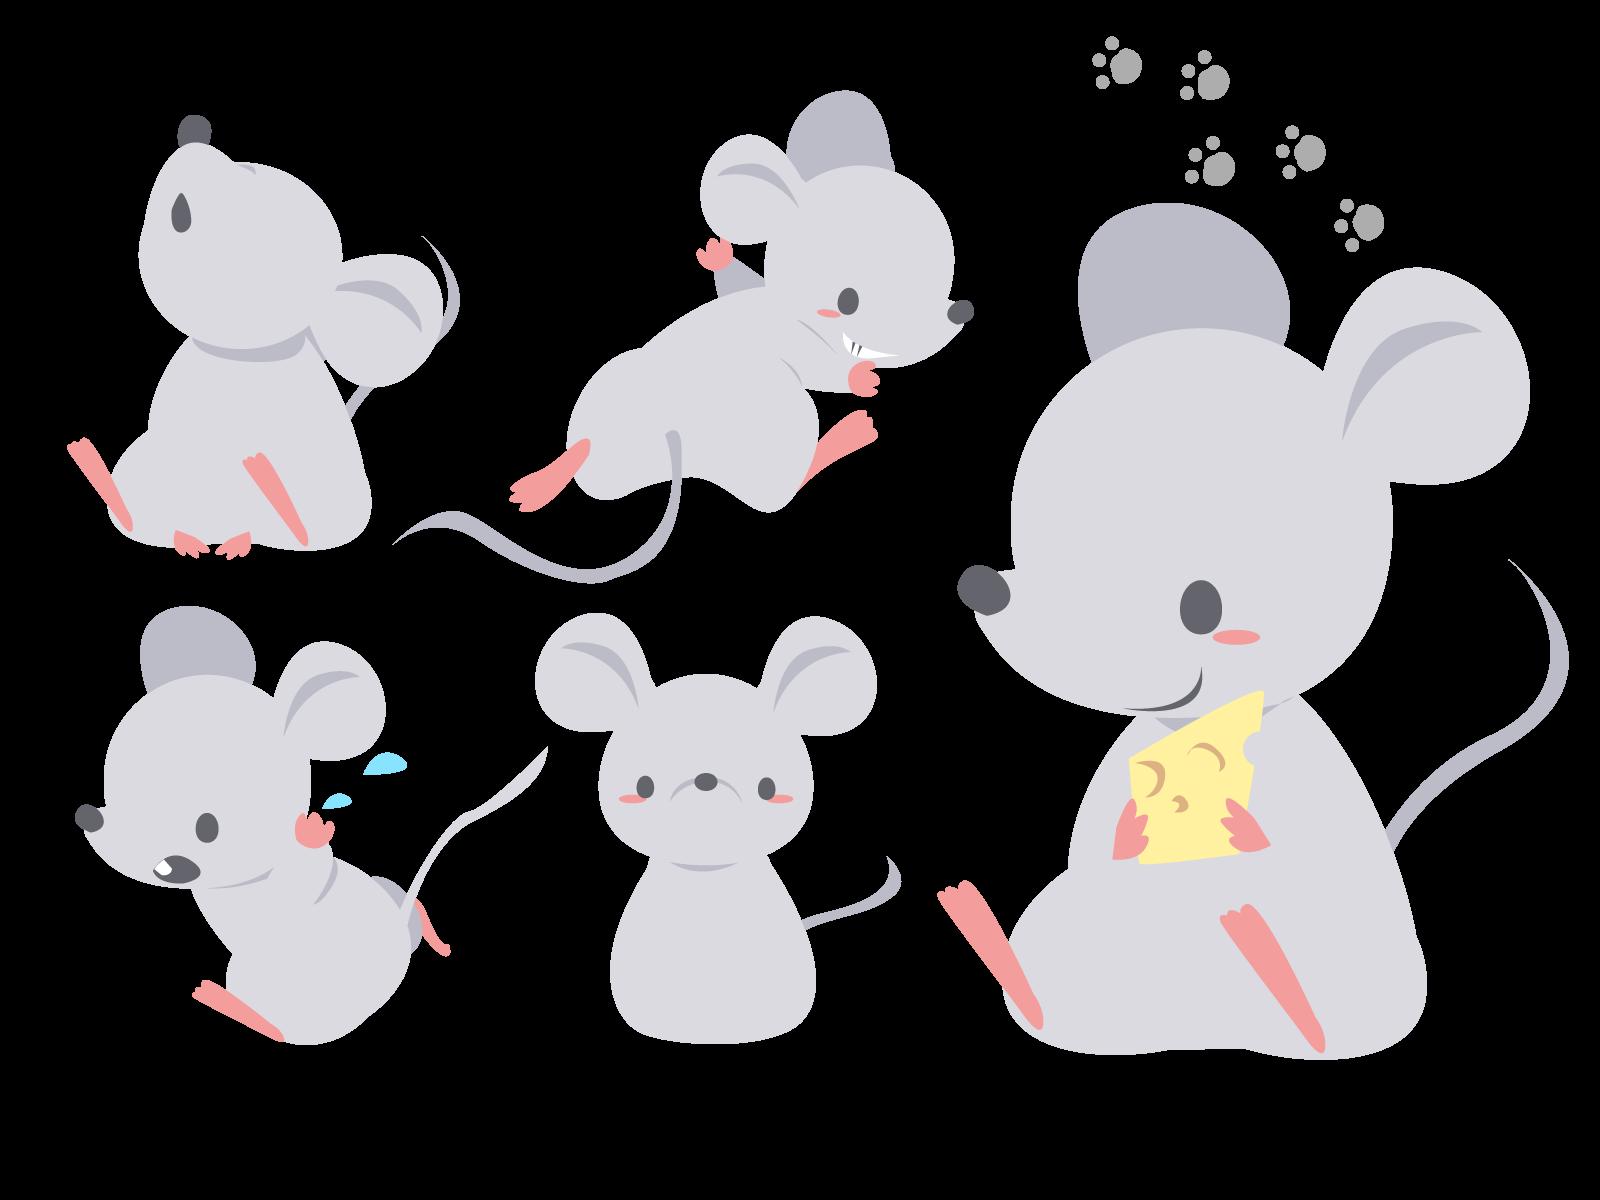 ネズミは可愛い顔してるけど恐ろしい